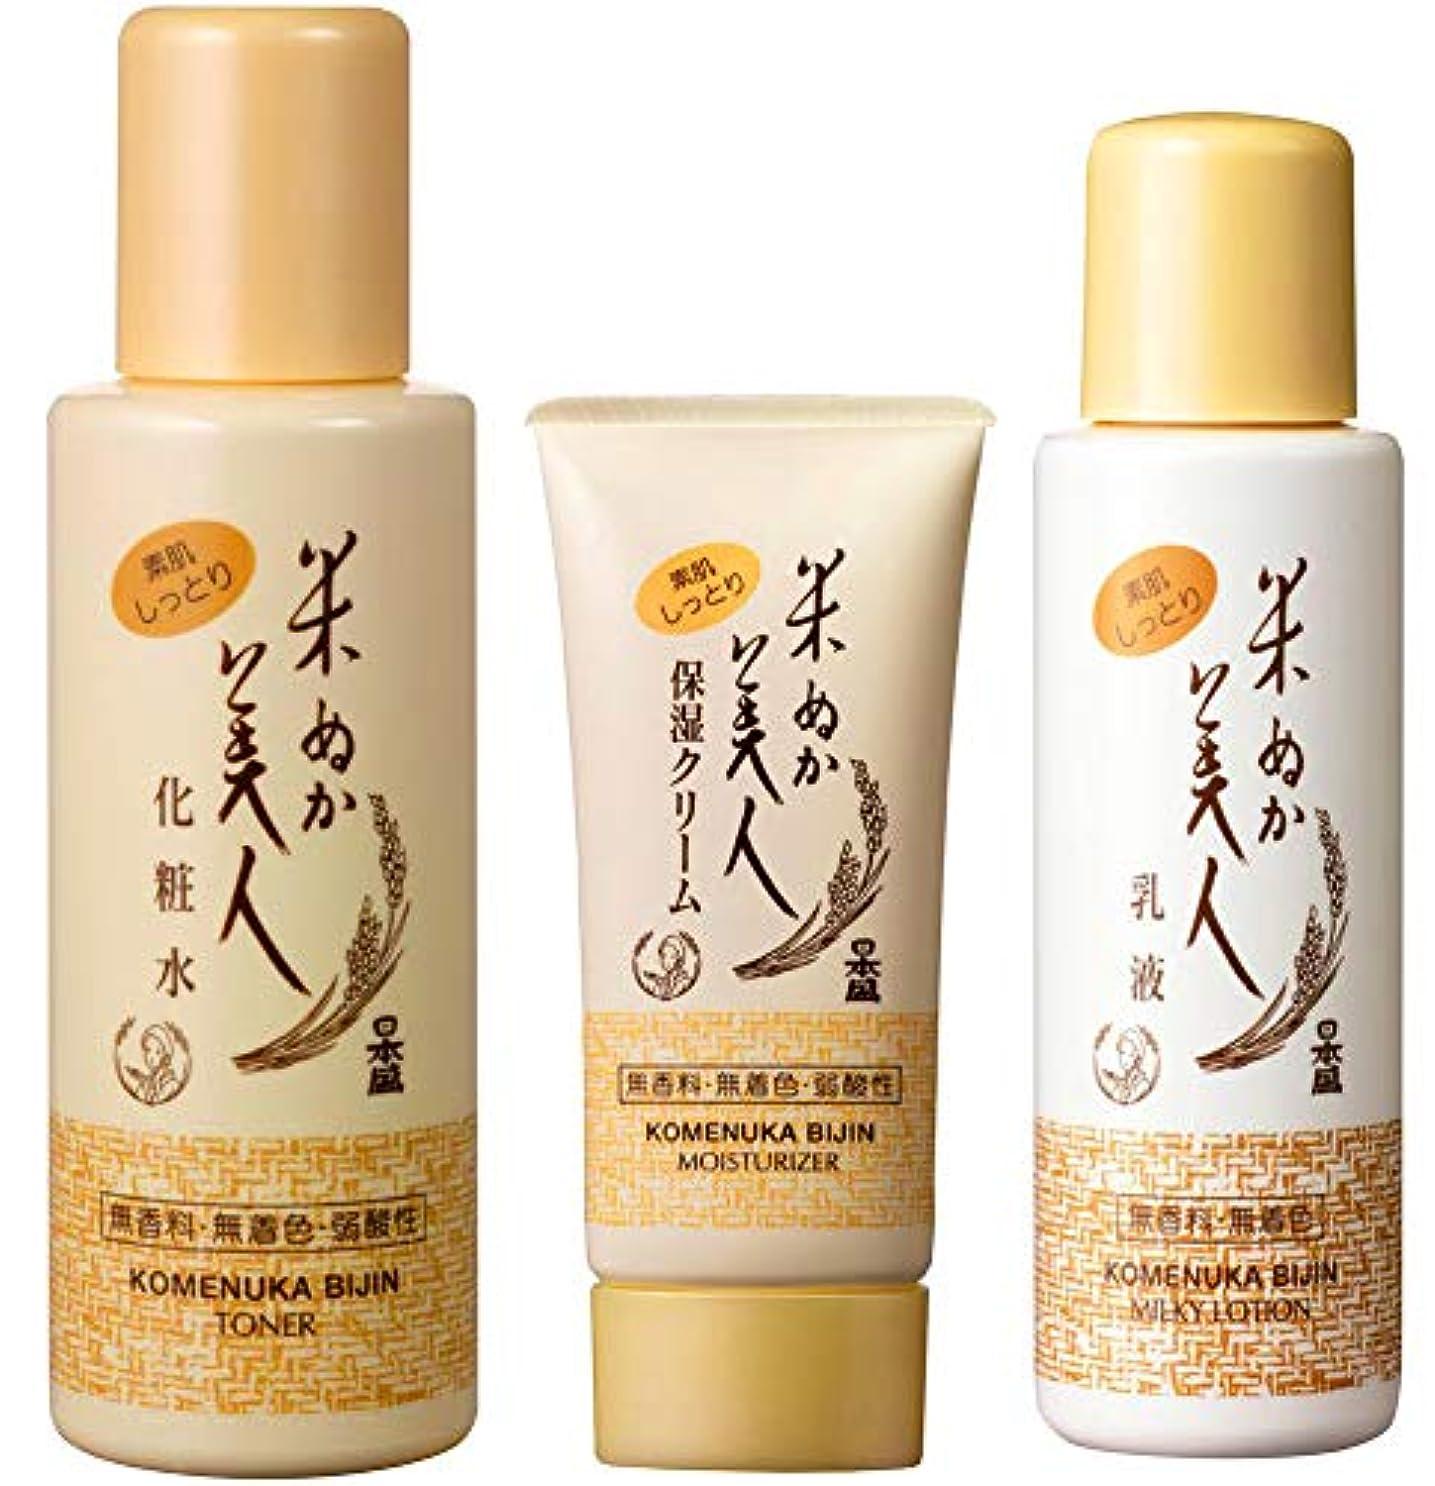 部分一口消費者【まとめ買い3点セット】日本盛「米ぬか美人」 化粧水(120ml)+ 乳液(100ml)+ 保湿クリーム(35g)